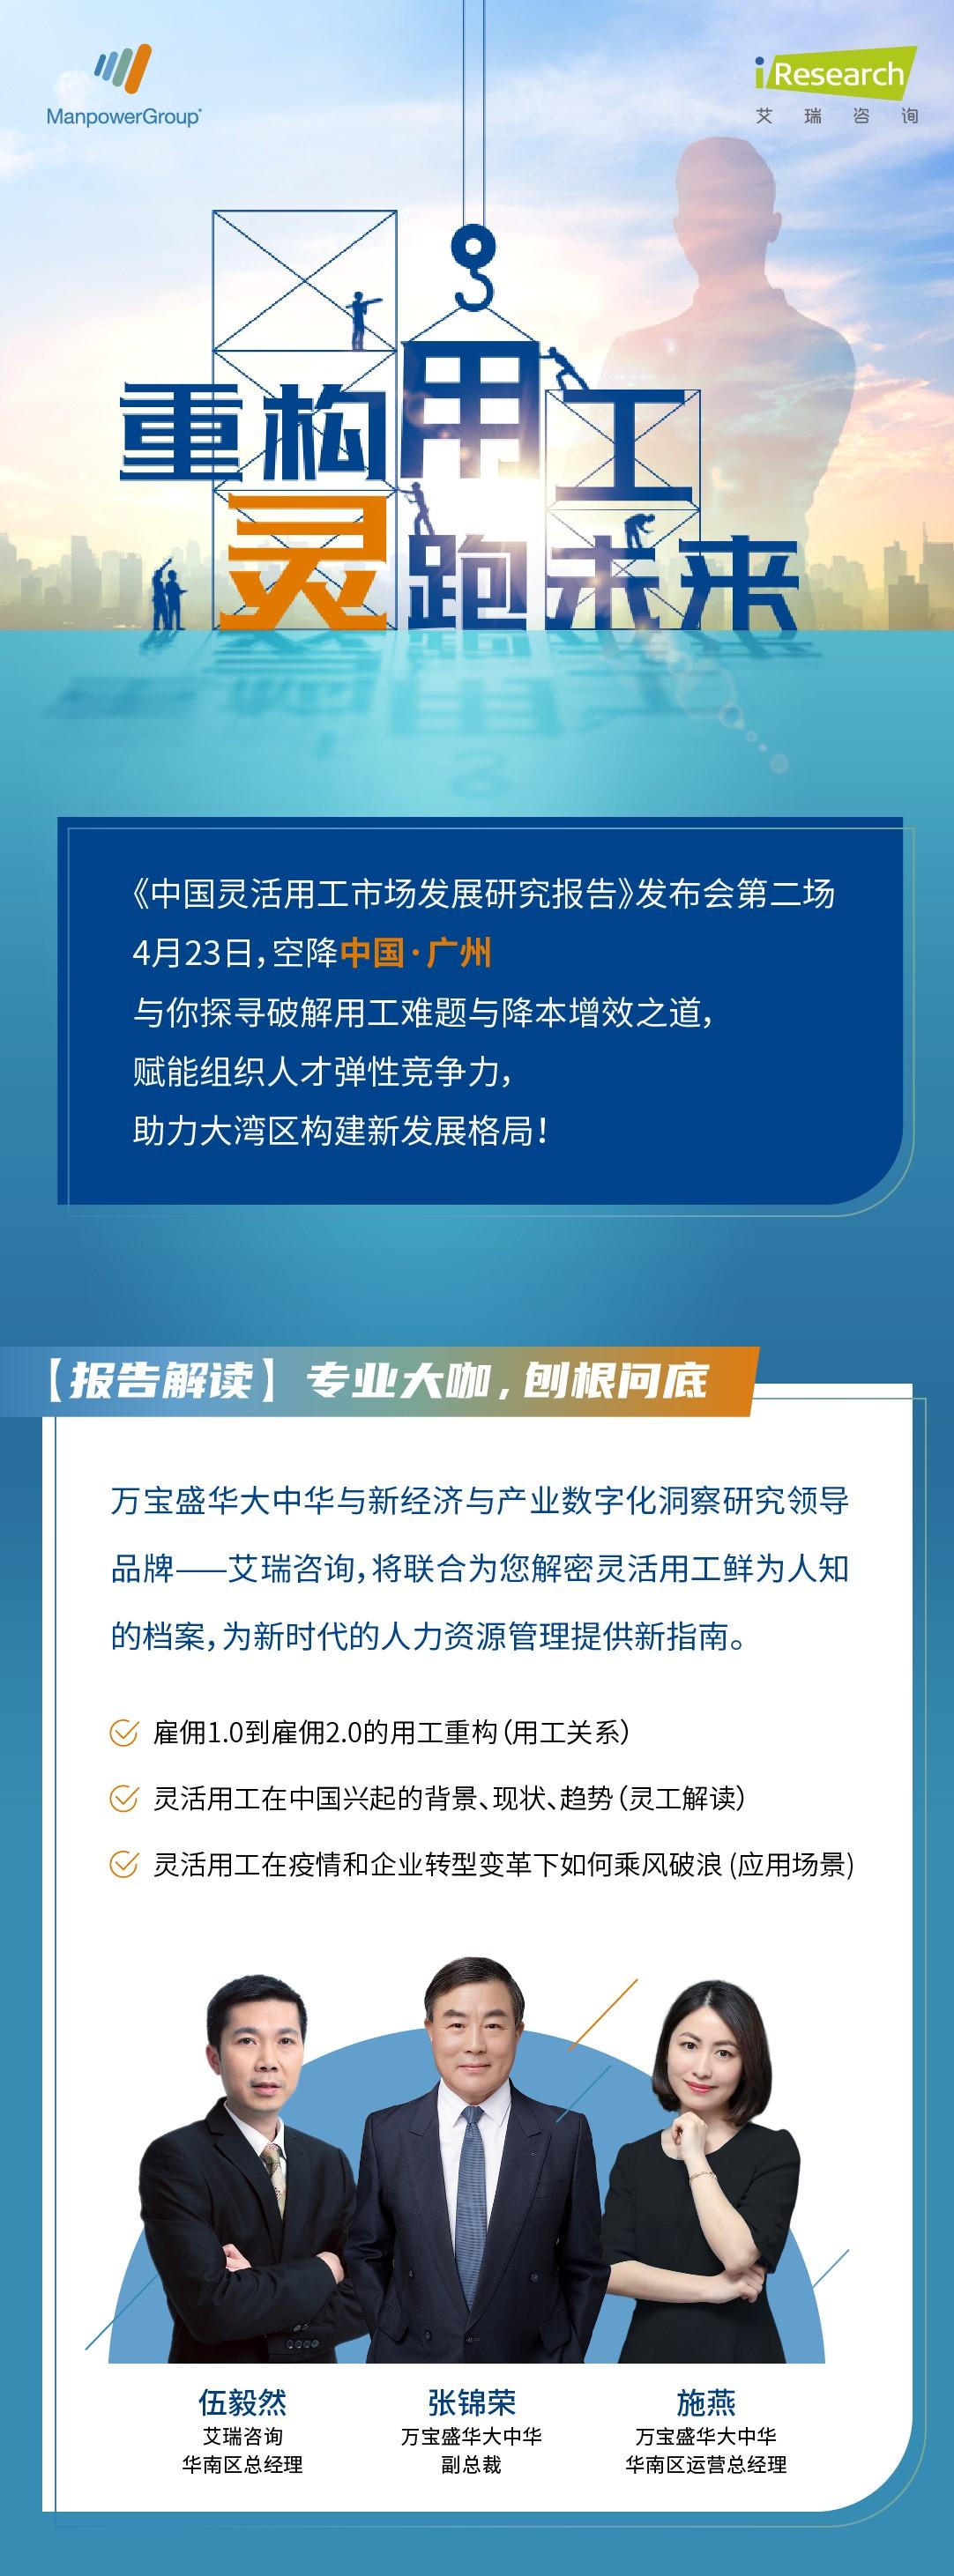 广州场报名推文0407-01-1.jpg